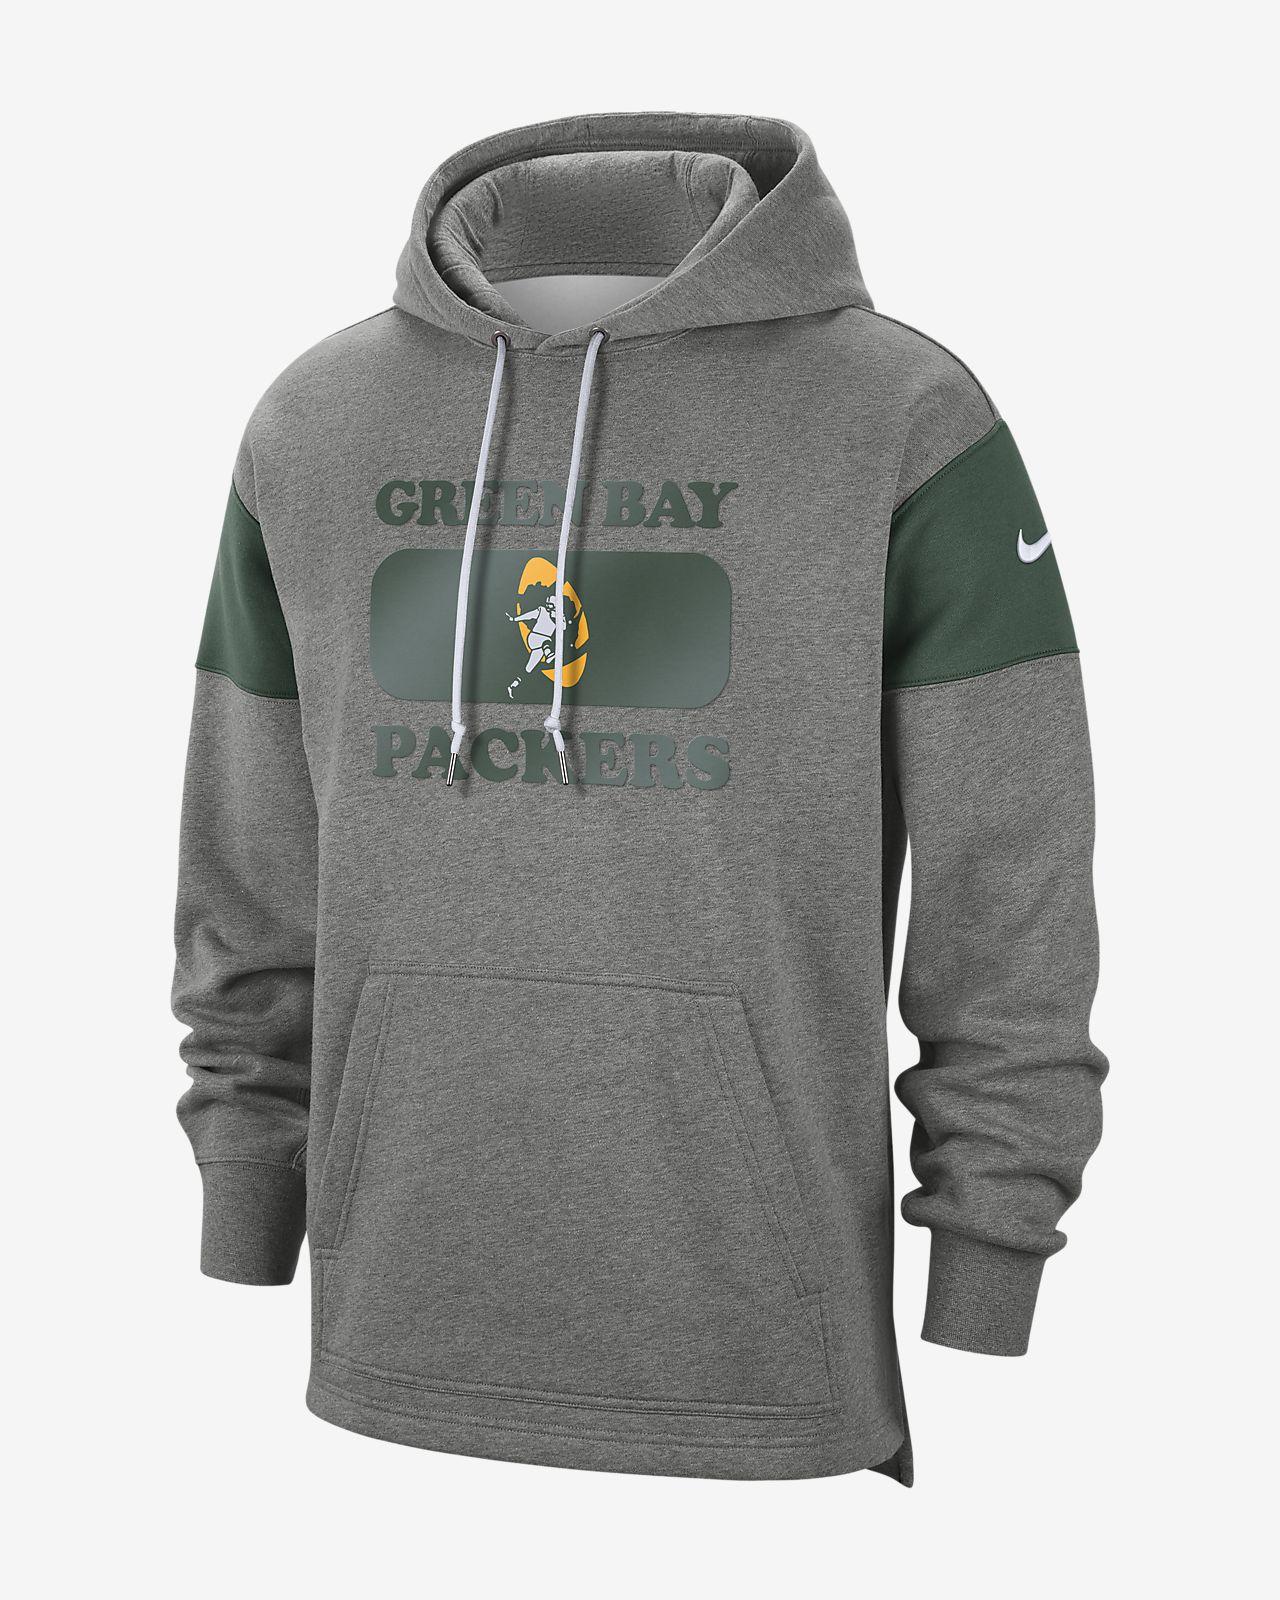 online store 9531d 572d1 Nike (NFL Packers) Men's Hoodie